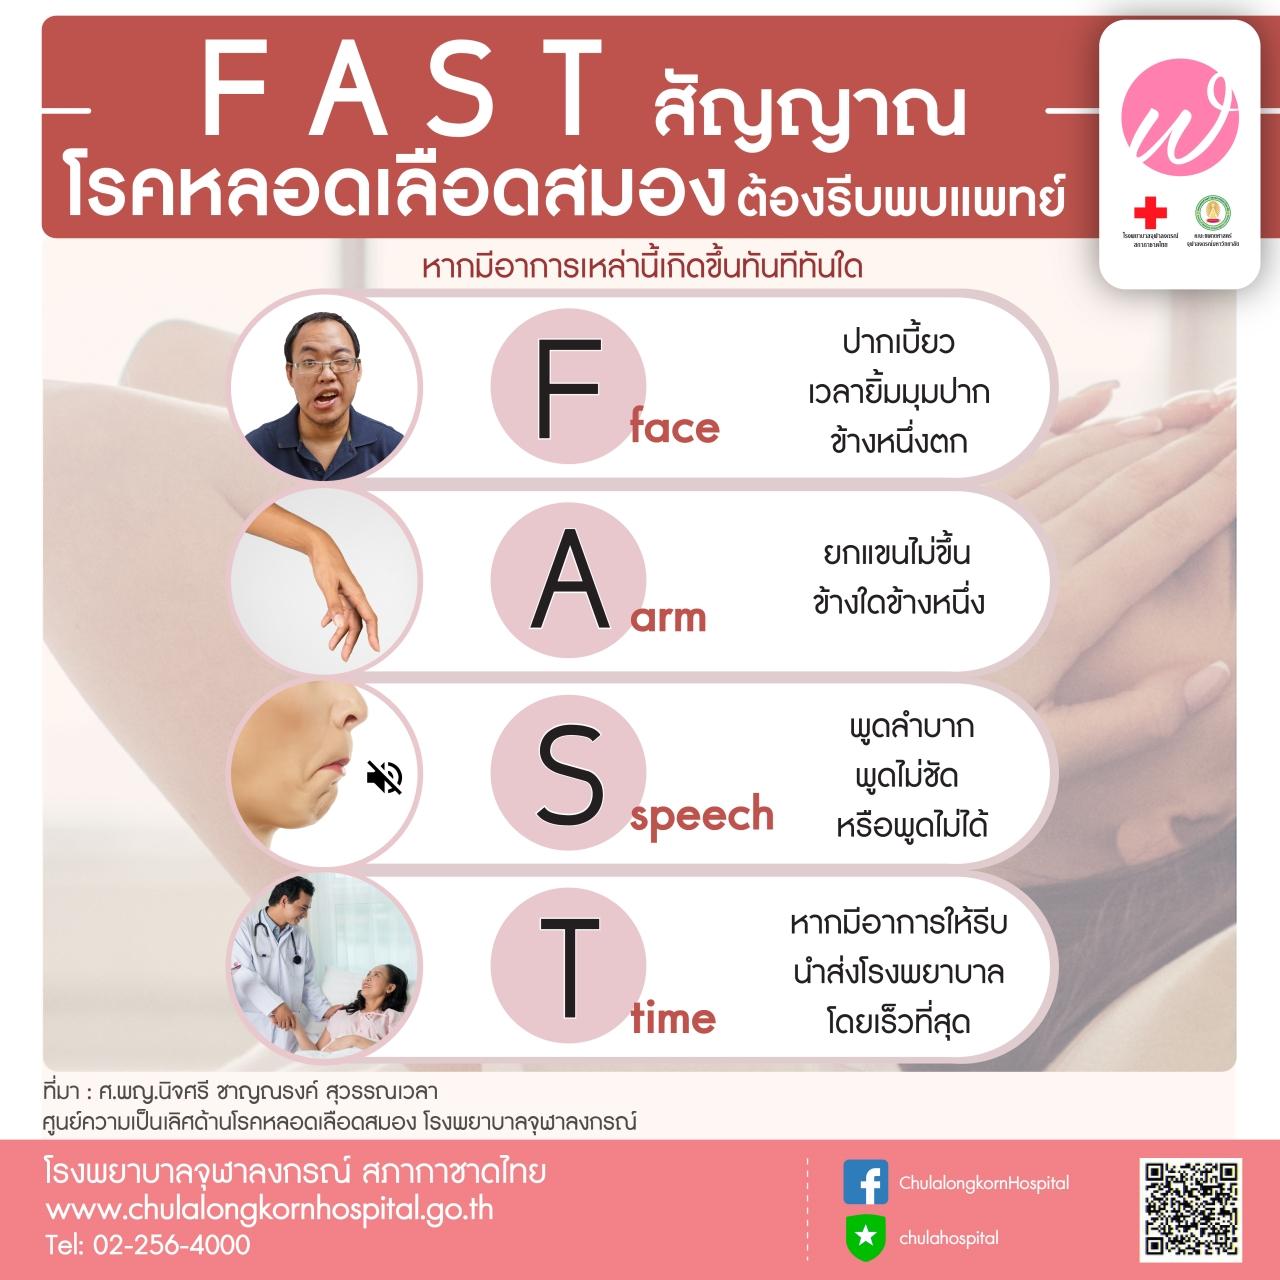 FAST สัญญาณ โรคหลอดเลือดสมอง ต้องรีบพบแพทย์